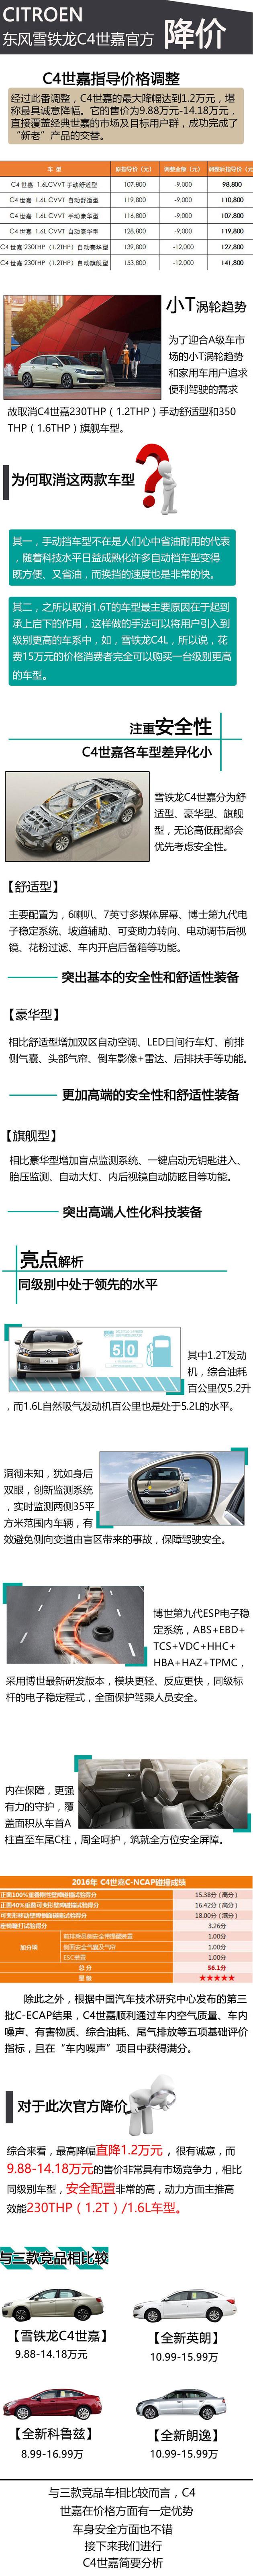 C4世嘉官降/取消2款车 售9.88-14.18万